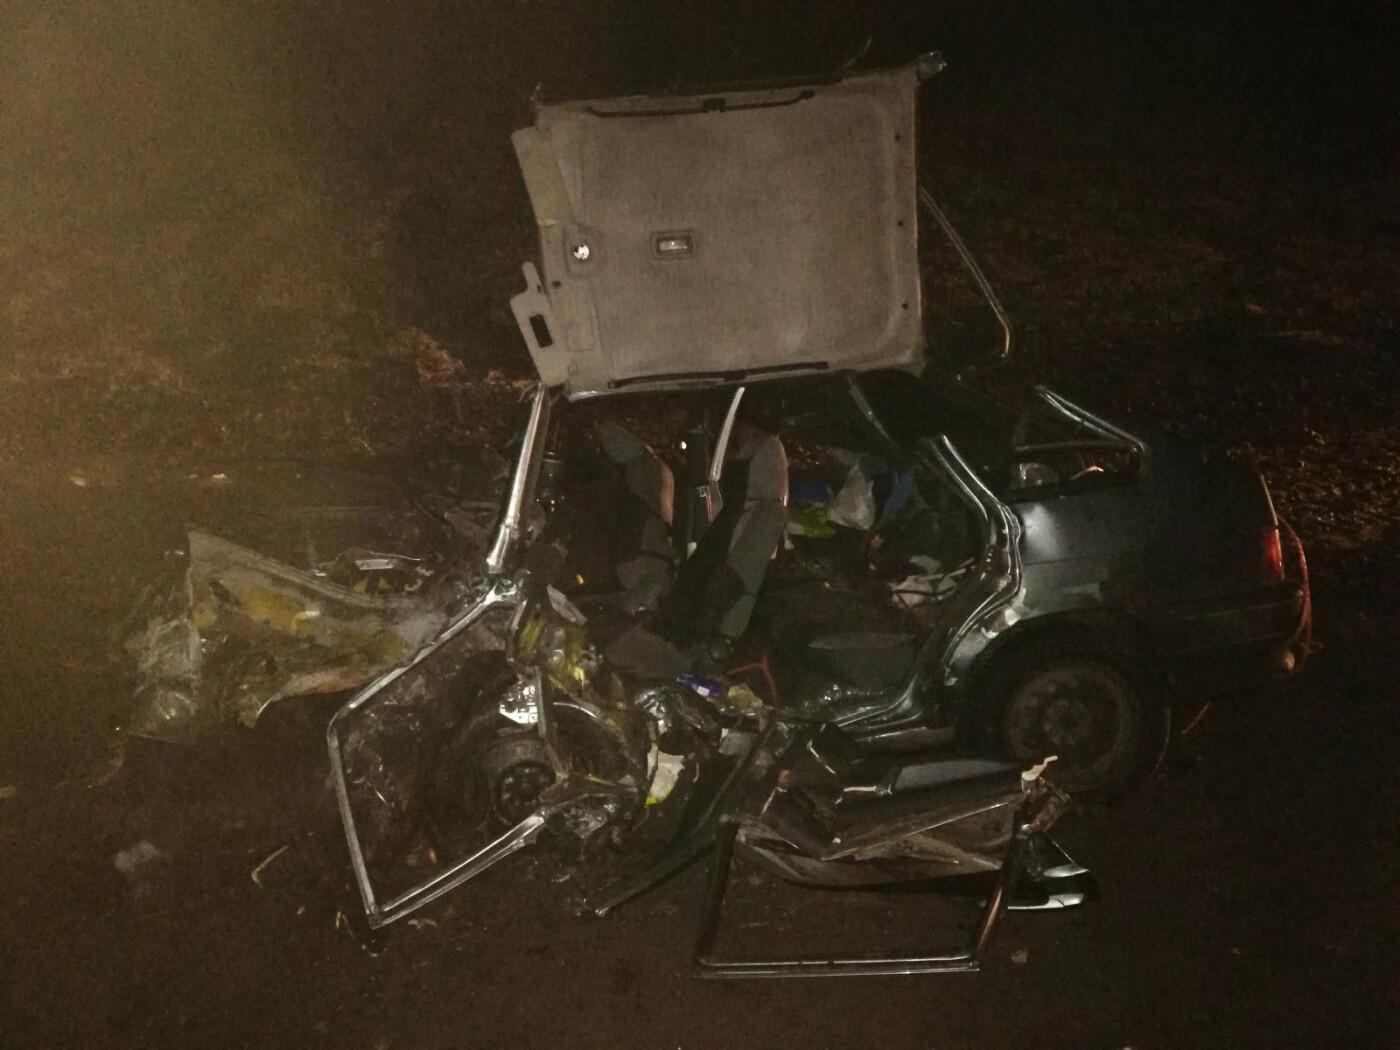 На трассе Р-22 «Каспий» под Тамбовом произошло тройное ДТП: два человека погибли, еще один госпитализирован, фото-1